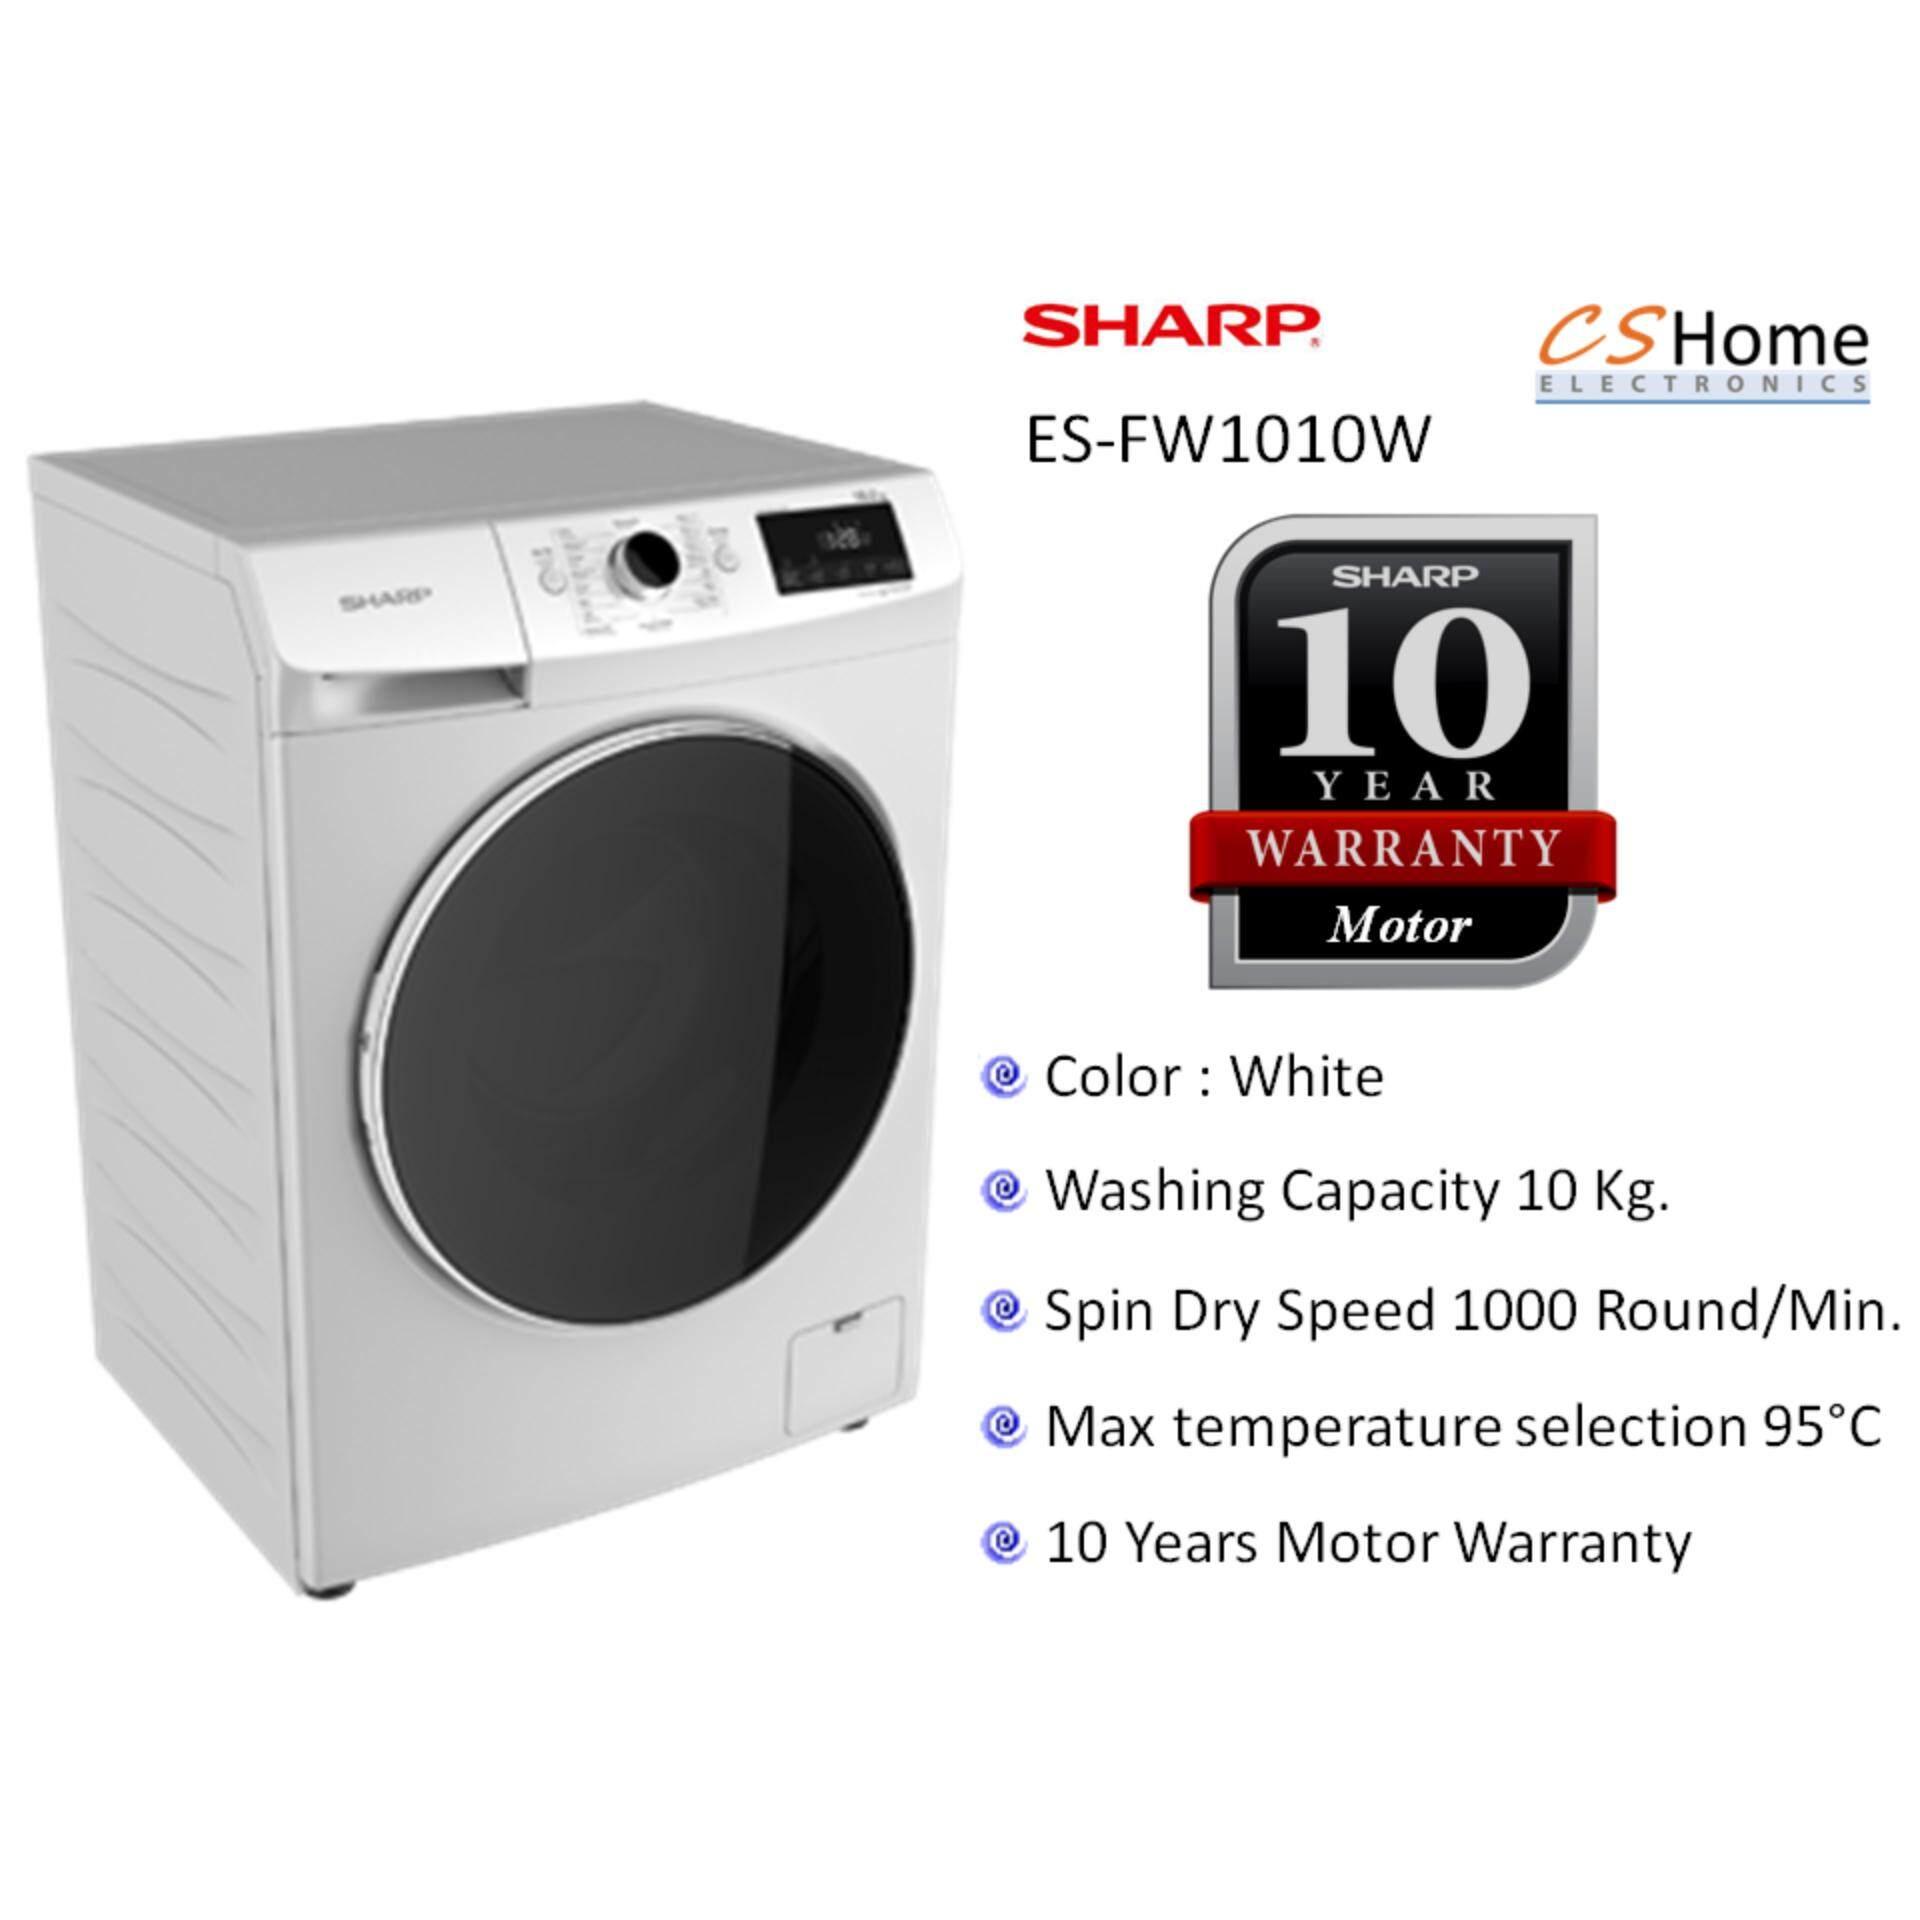 รีวิว Pantip เครื่องซักผ้า Sonar Sale -43% (PCM Enterprise)Sonar เครื่องซักผ้ามินิฝาบน ปั่นแห้งในตัว 2in1 รุ่น EW-A160 2.5 กิโล มีรับประกัน